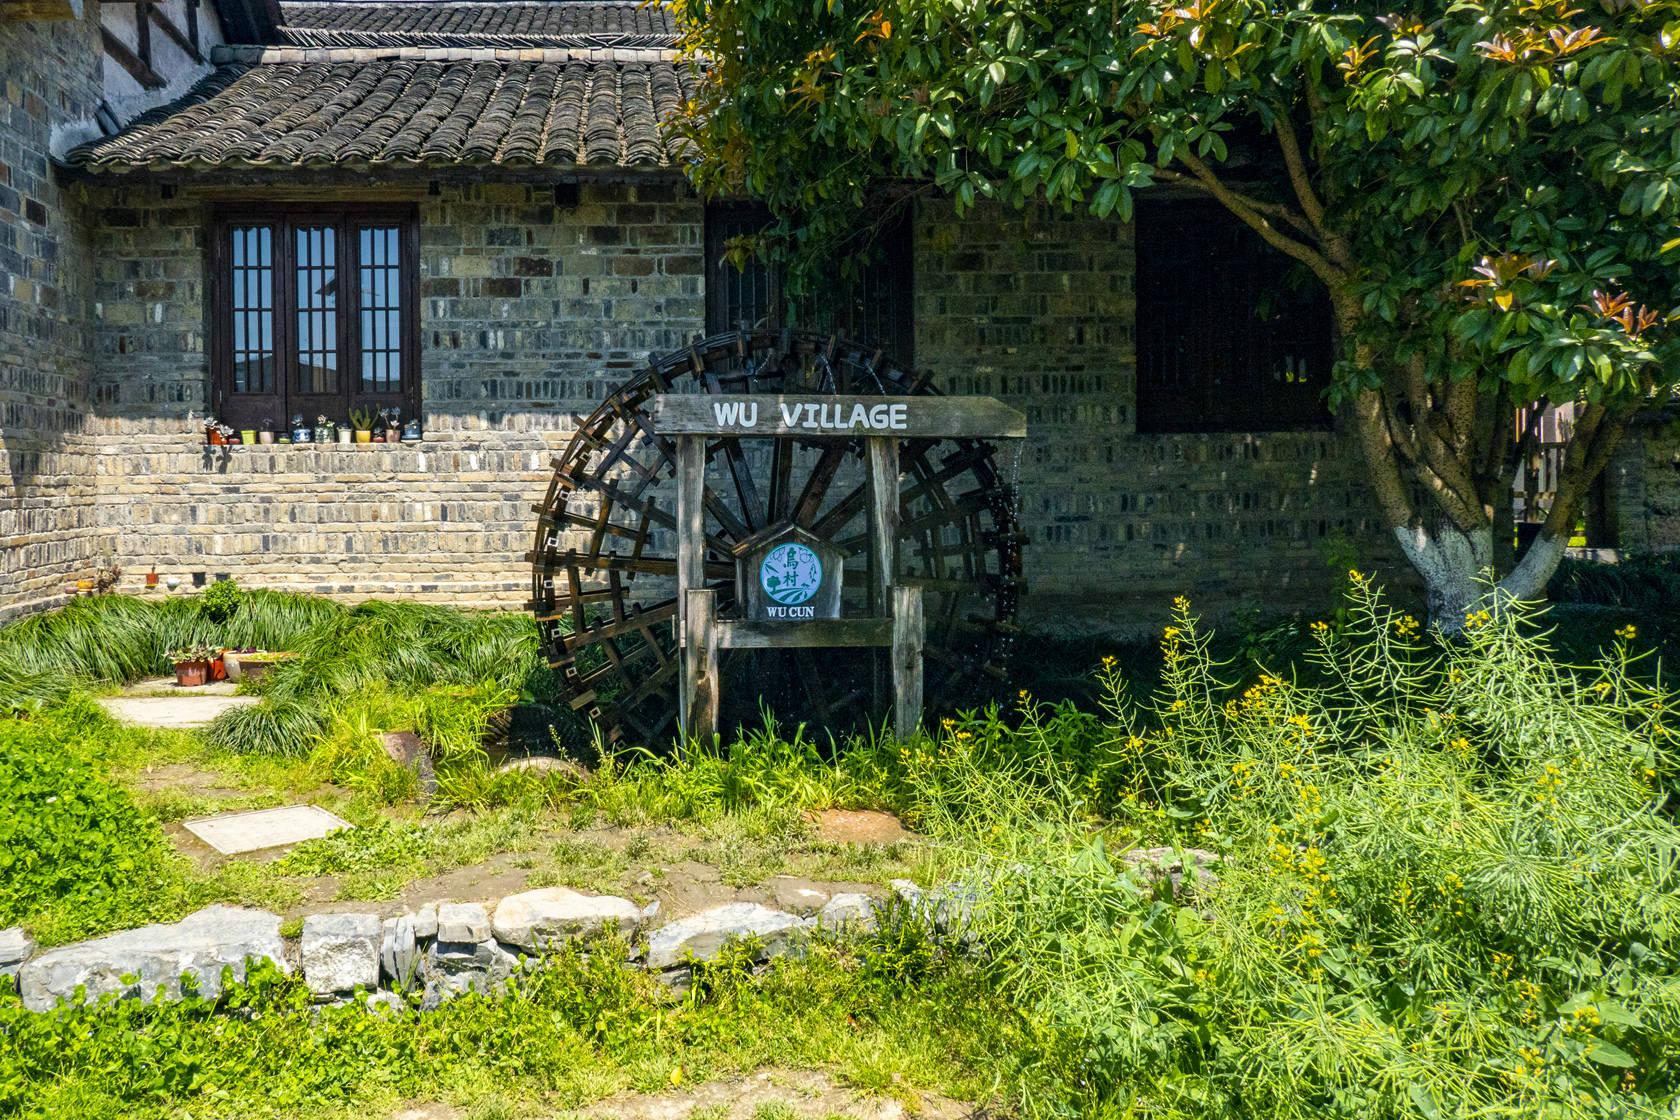 很多人都没发现,乌镇旁边的乌村,其实是休闲亲子游的好地方